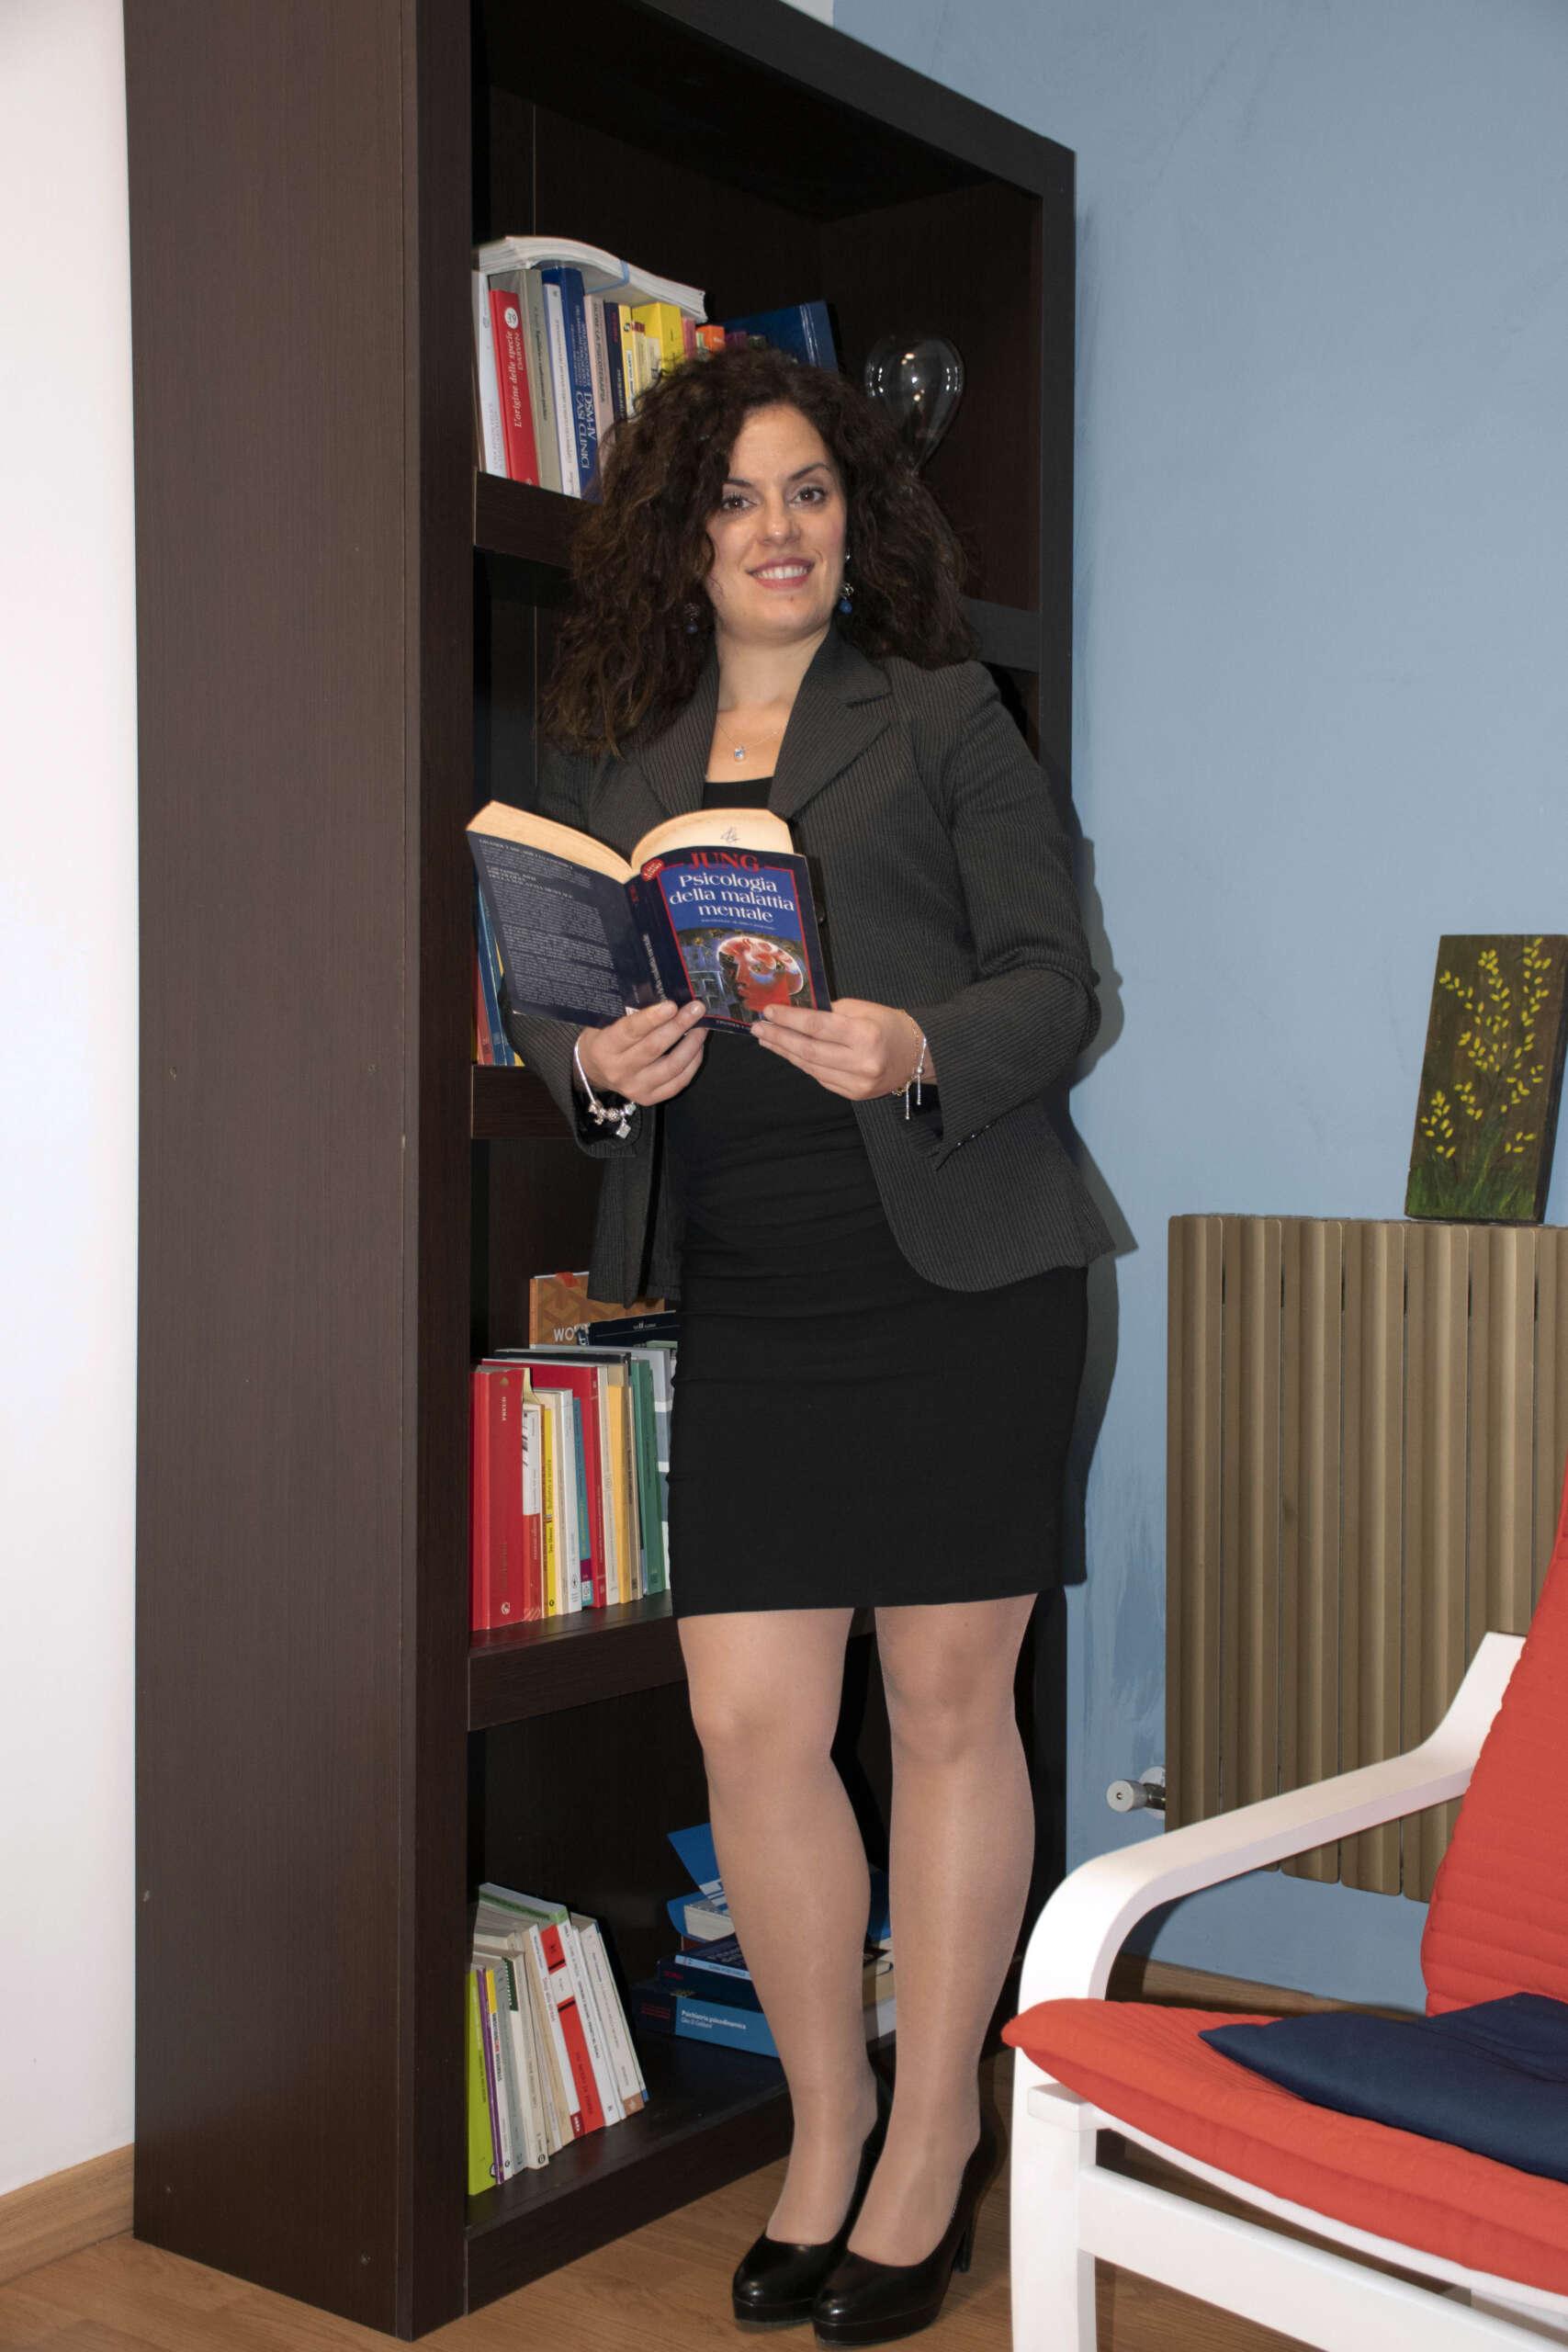 Dott.ssa Angela Porazzini - Chi Sono